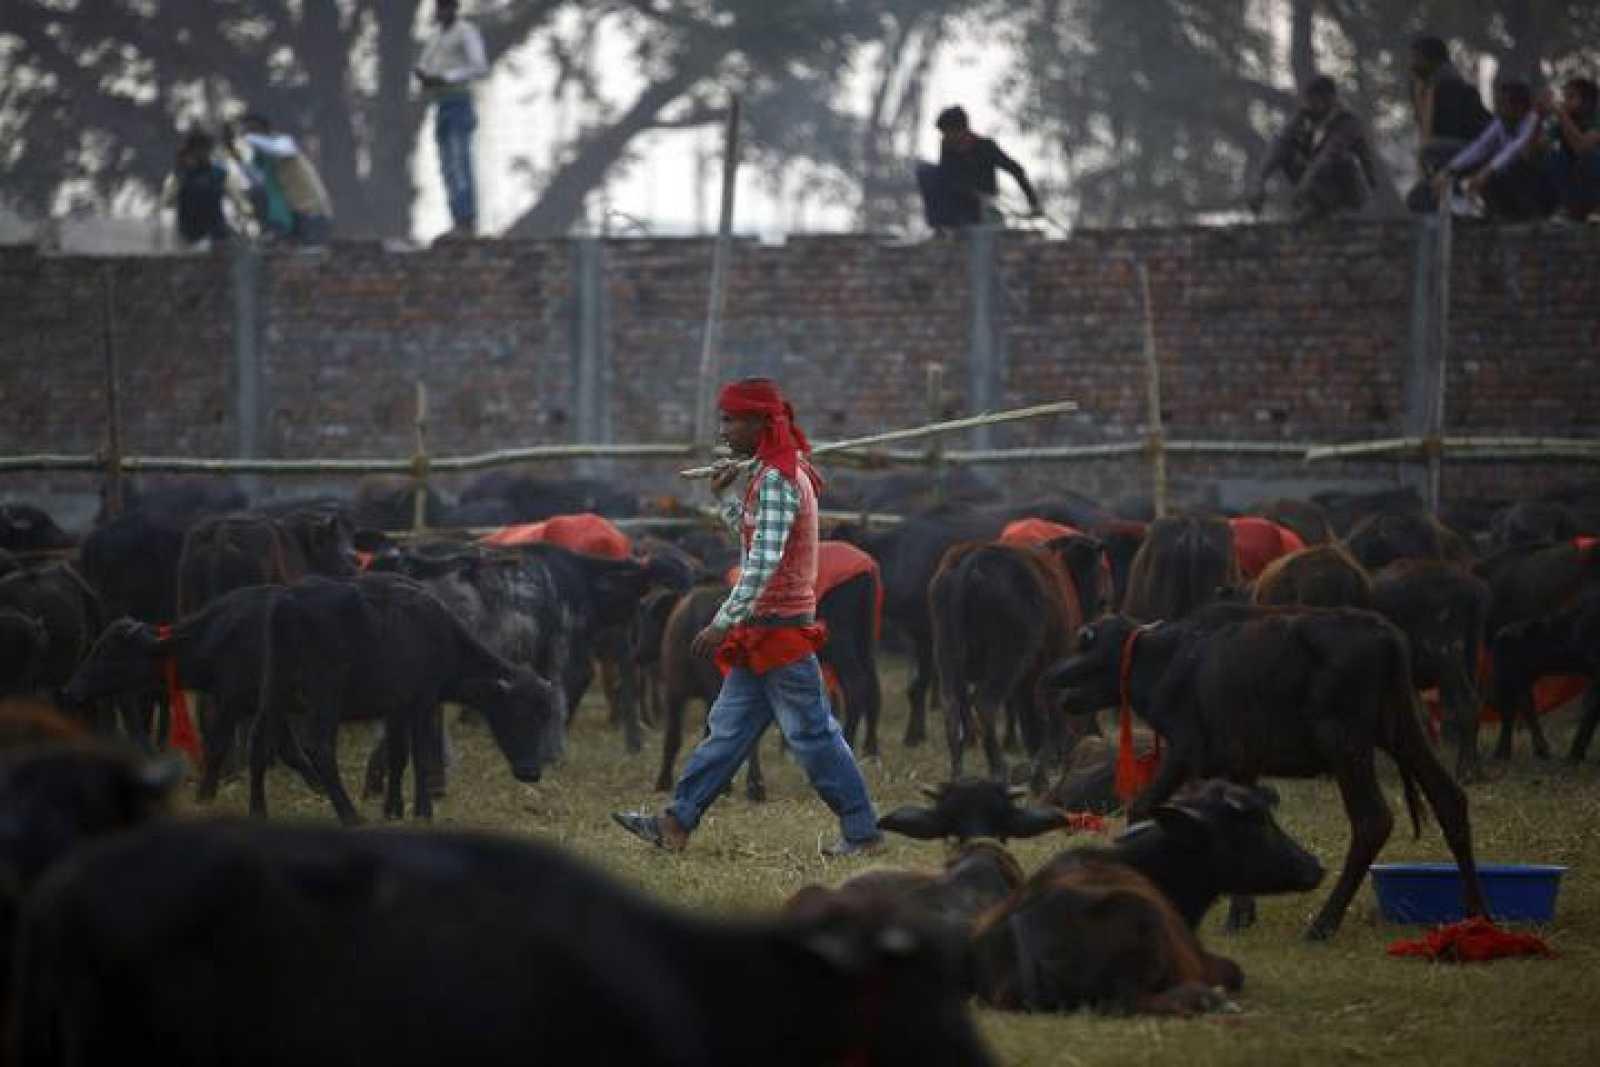 Un pastor pasea entre decenas de búfalos en las horas previas al sacrificio